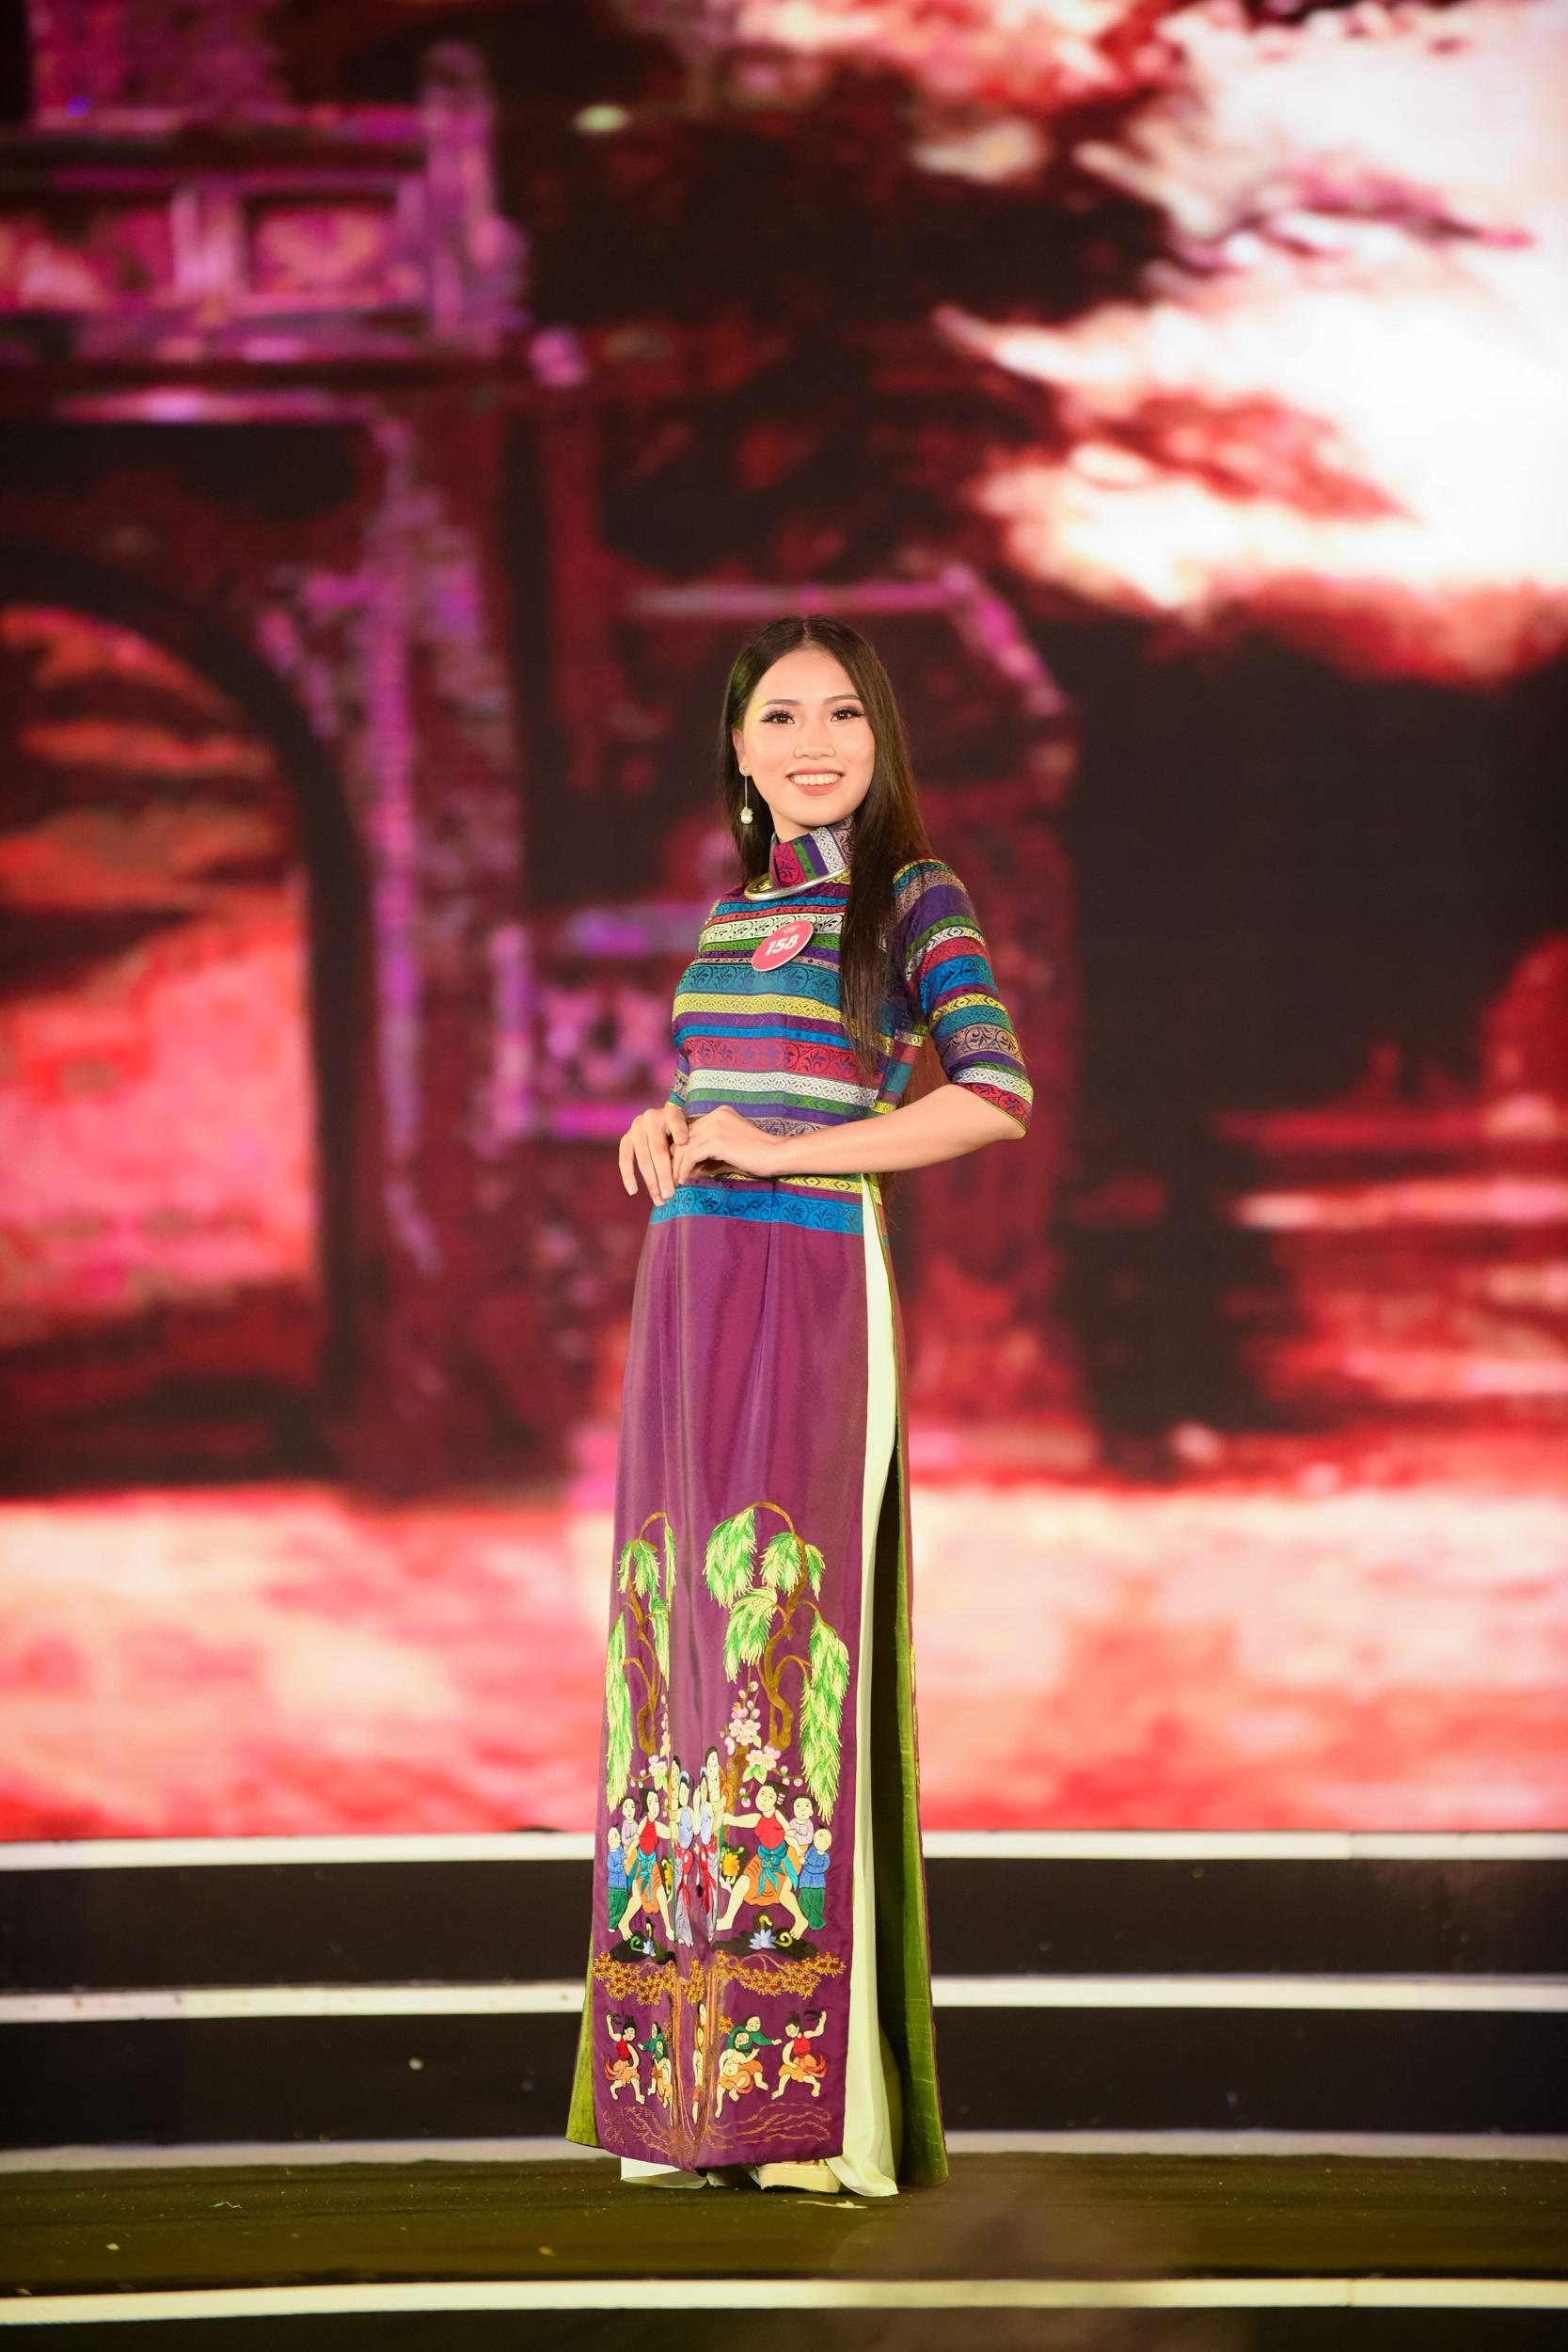 Cập nhật: 38 người đẹp phía Bắc của Hoa hậu Việt Nam tự tin trình diễn bikini, khoe hình thể nóng bỏng - Ảnh 3.